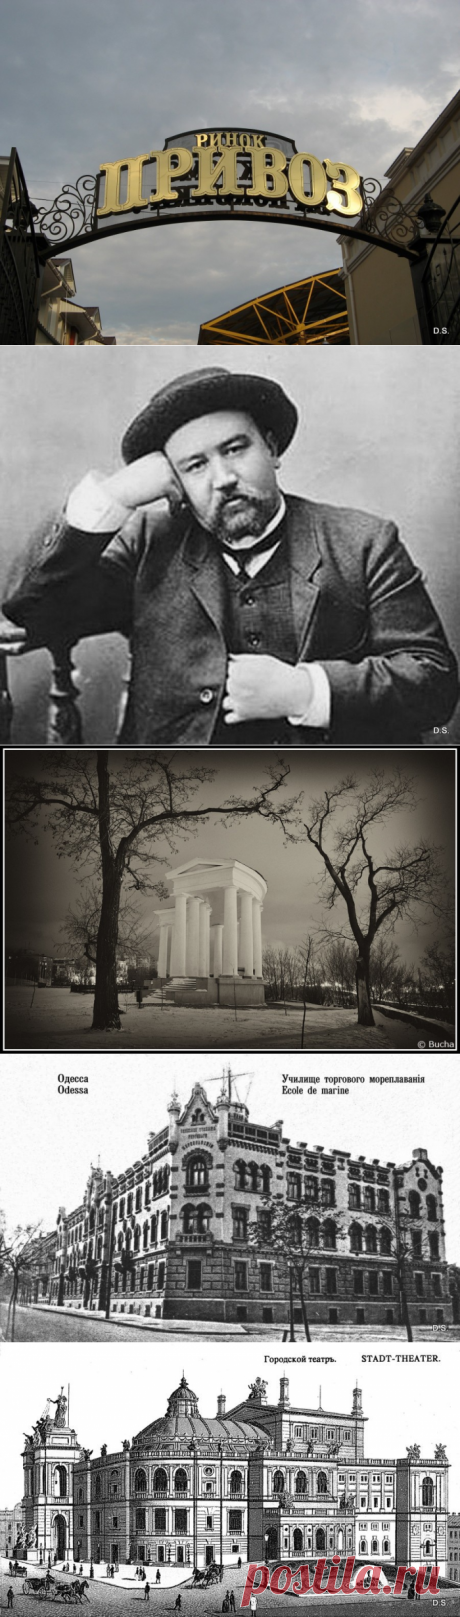 Одесса в прошлом и сегодня | Записи в рубрике Одесса в прошлом и сегодня | Дневник gallinnika